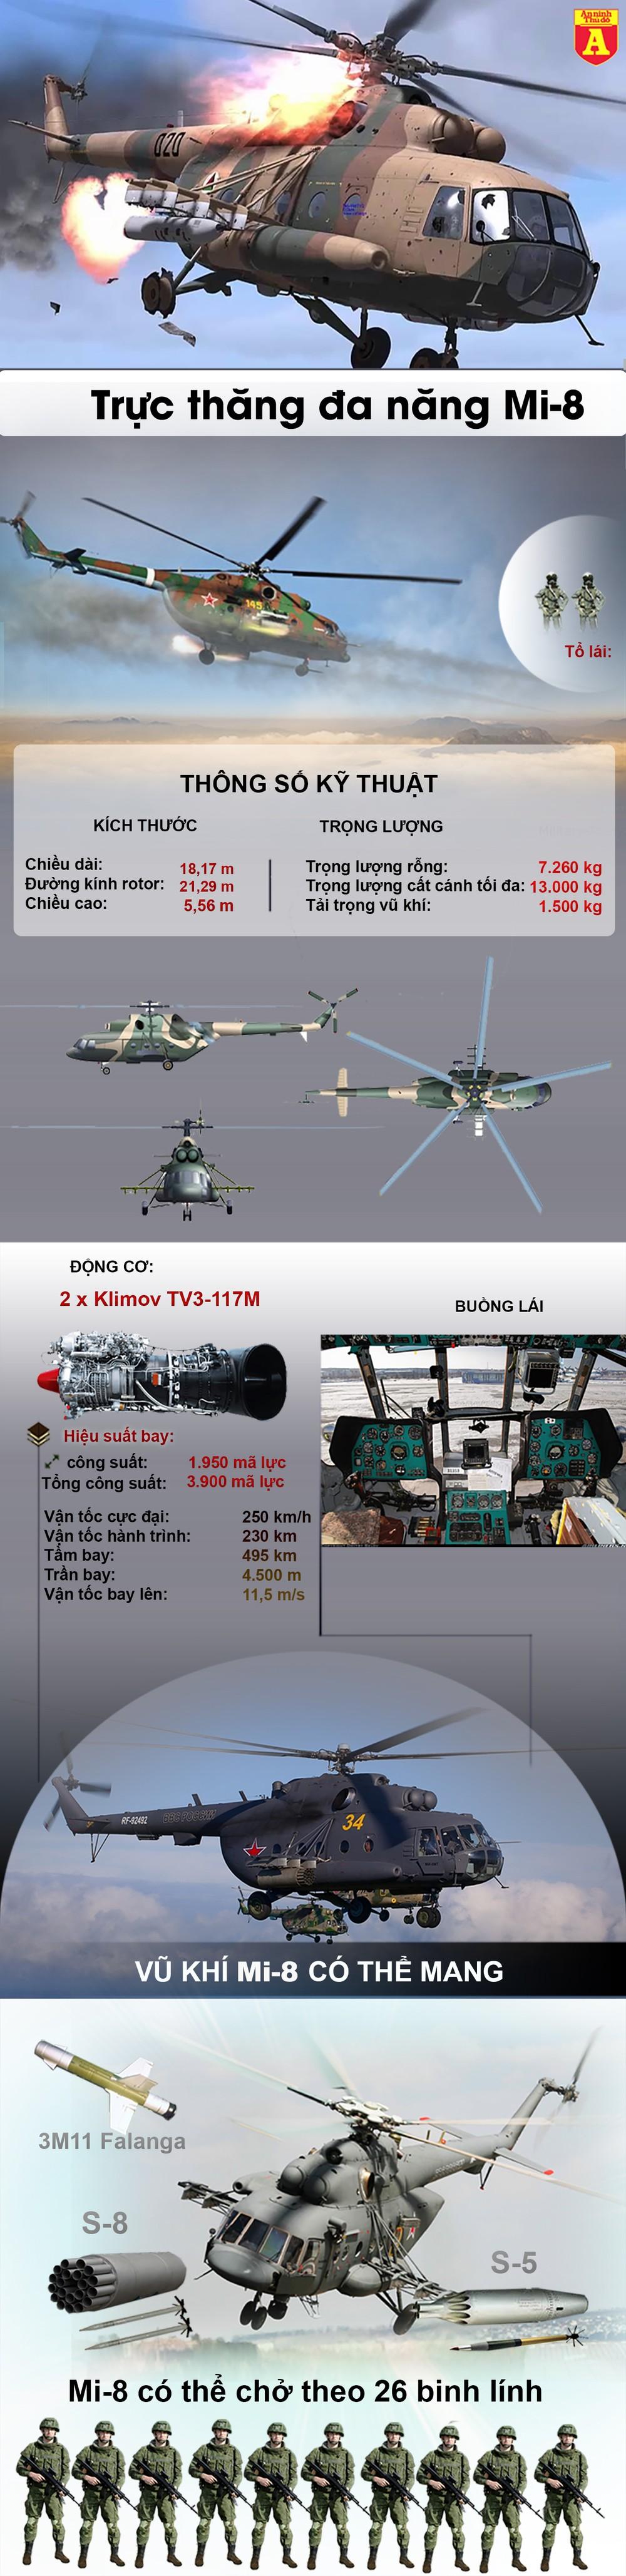 [Info] Trực thăng Mi-8 với phi hành đoàn người Ukraine bị súng chống tăng bắn hạ ảnh 2